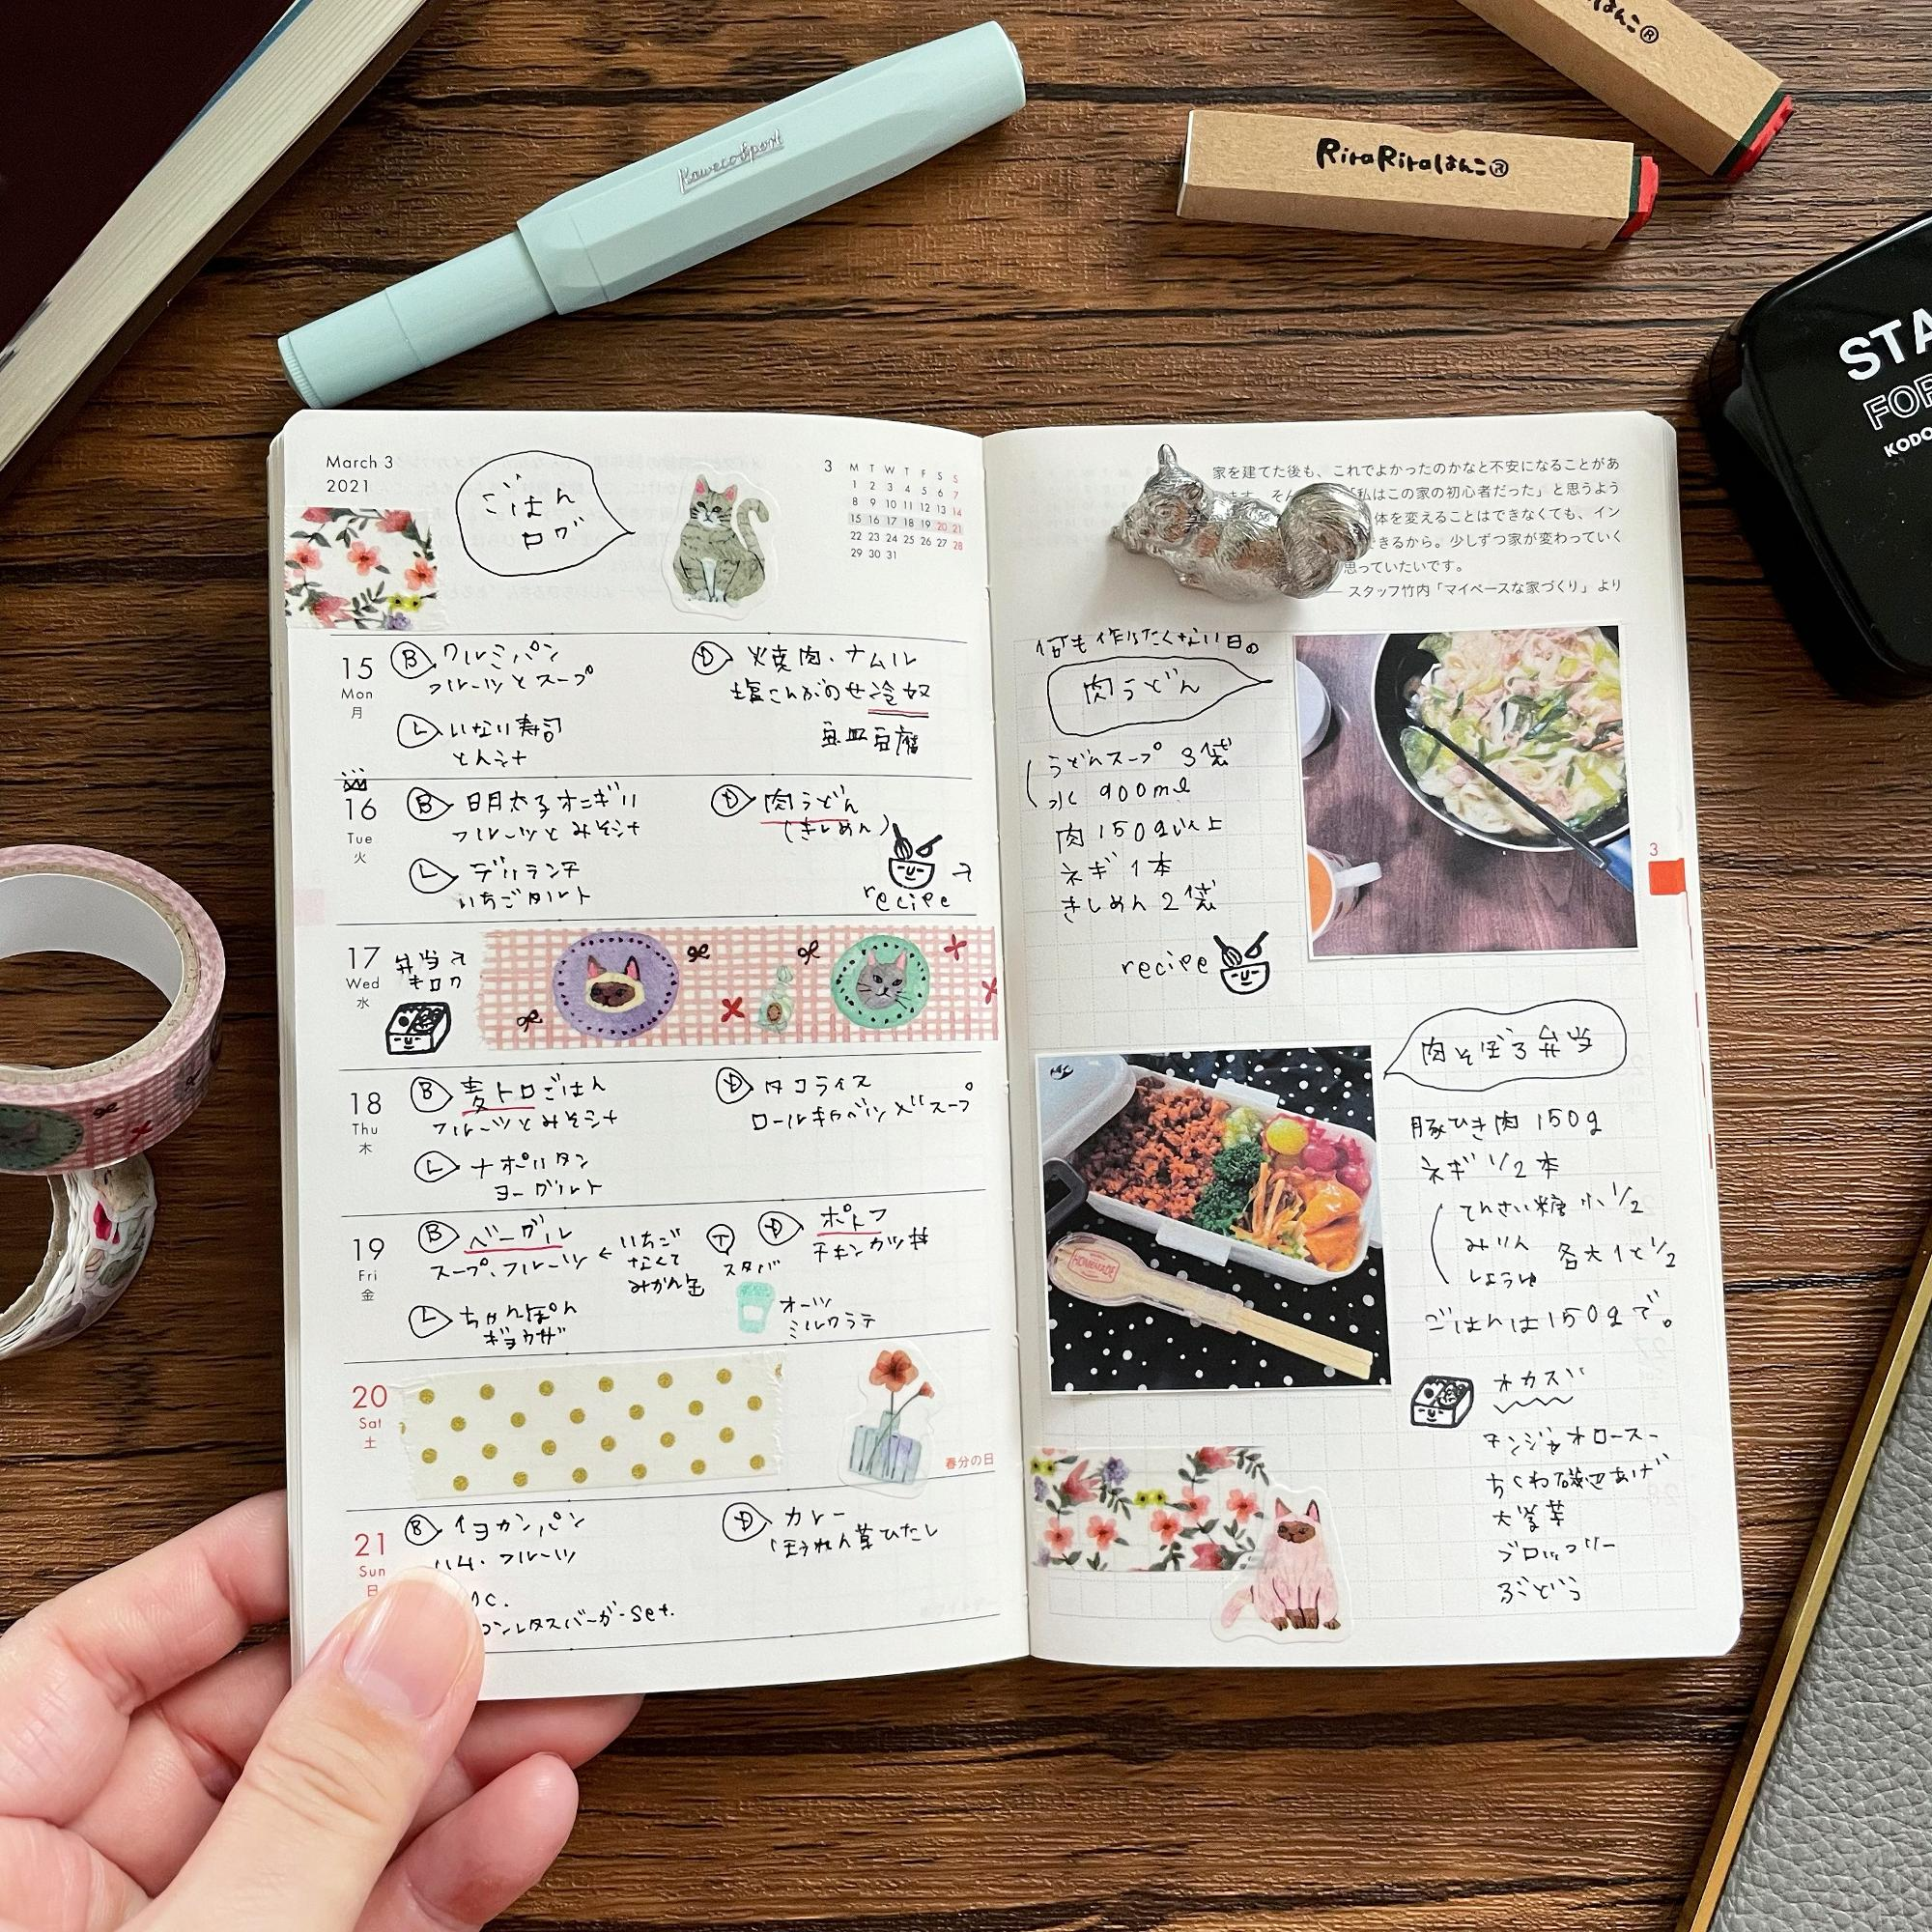 家事ノート。左ページは献立、右ページにはレシピや弁当記録ほか家事に関することを自由に書く。